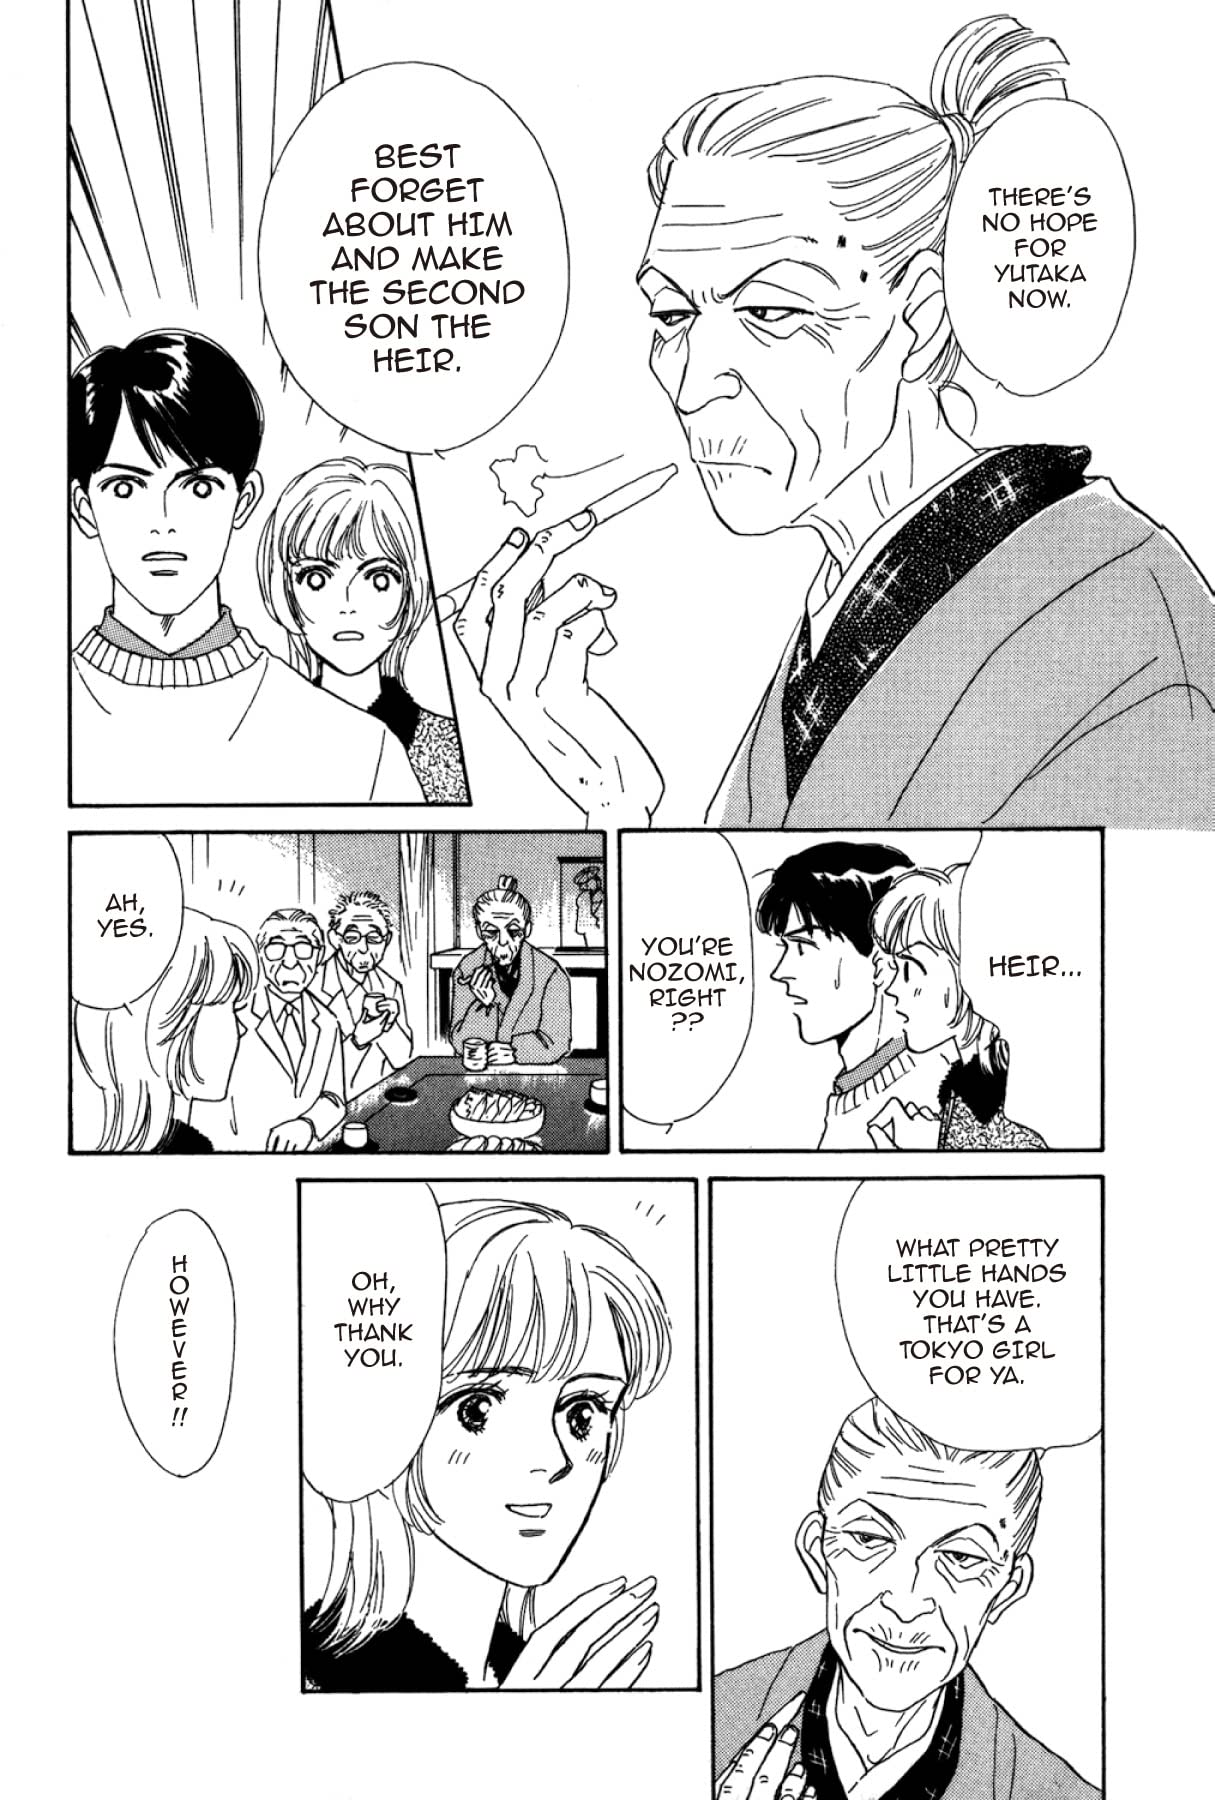 THE YAMADA WIFE Vol. 1